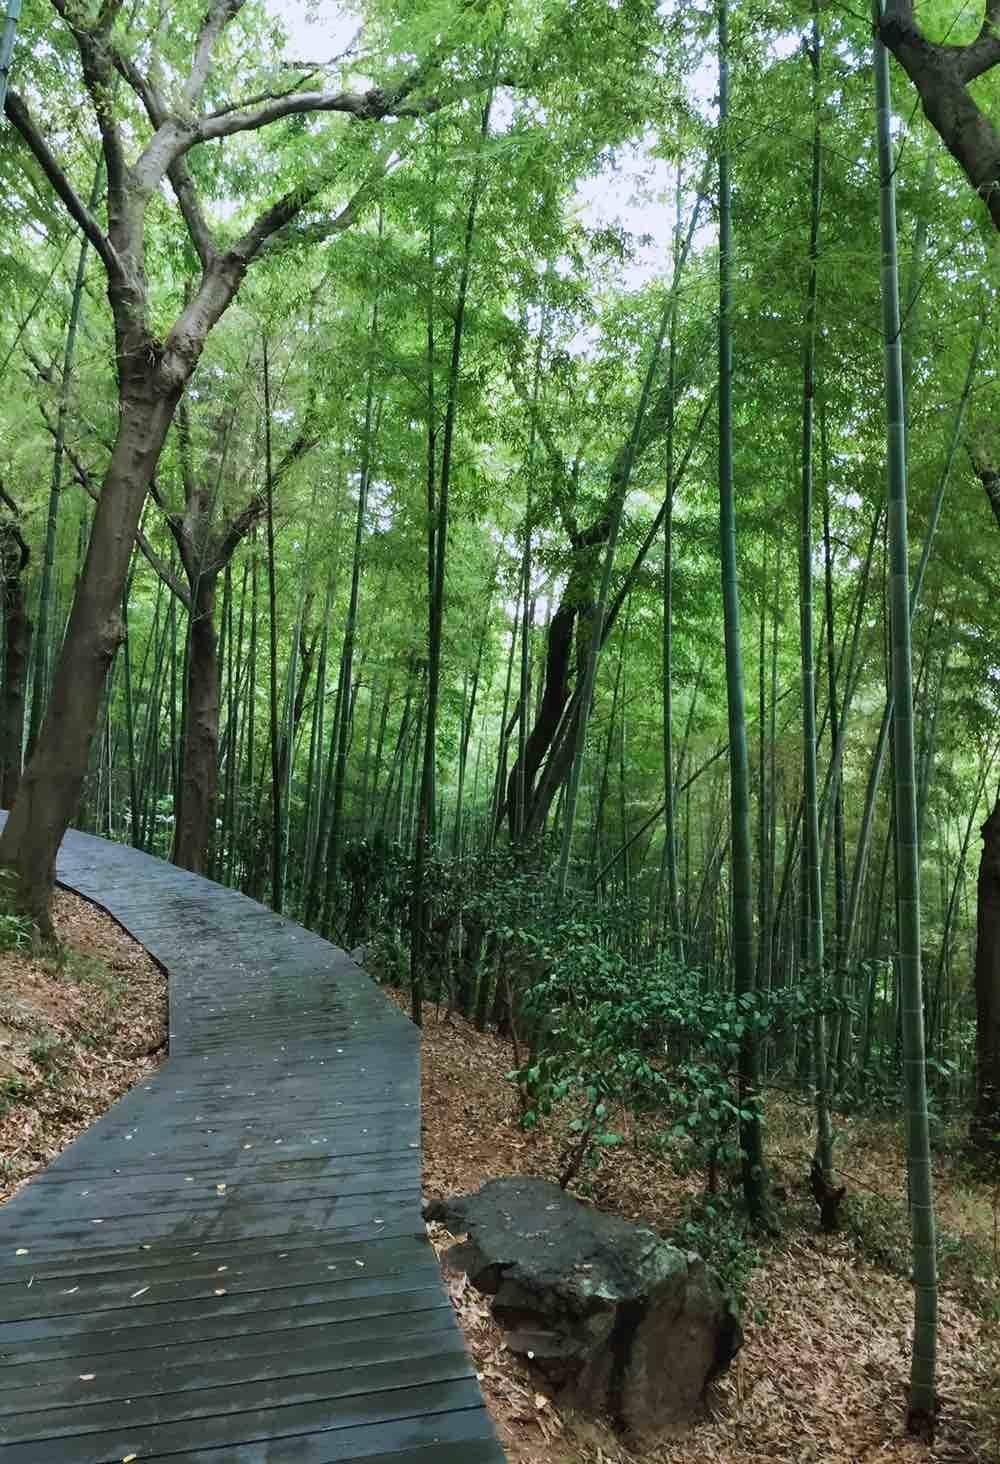 漫步佘山的竹林中 秋风萧瑟 竹叶瑟瑟作响 曲径通幽处 别有一番风味